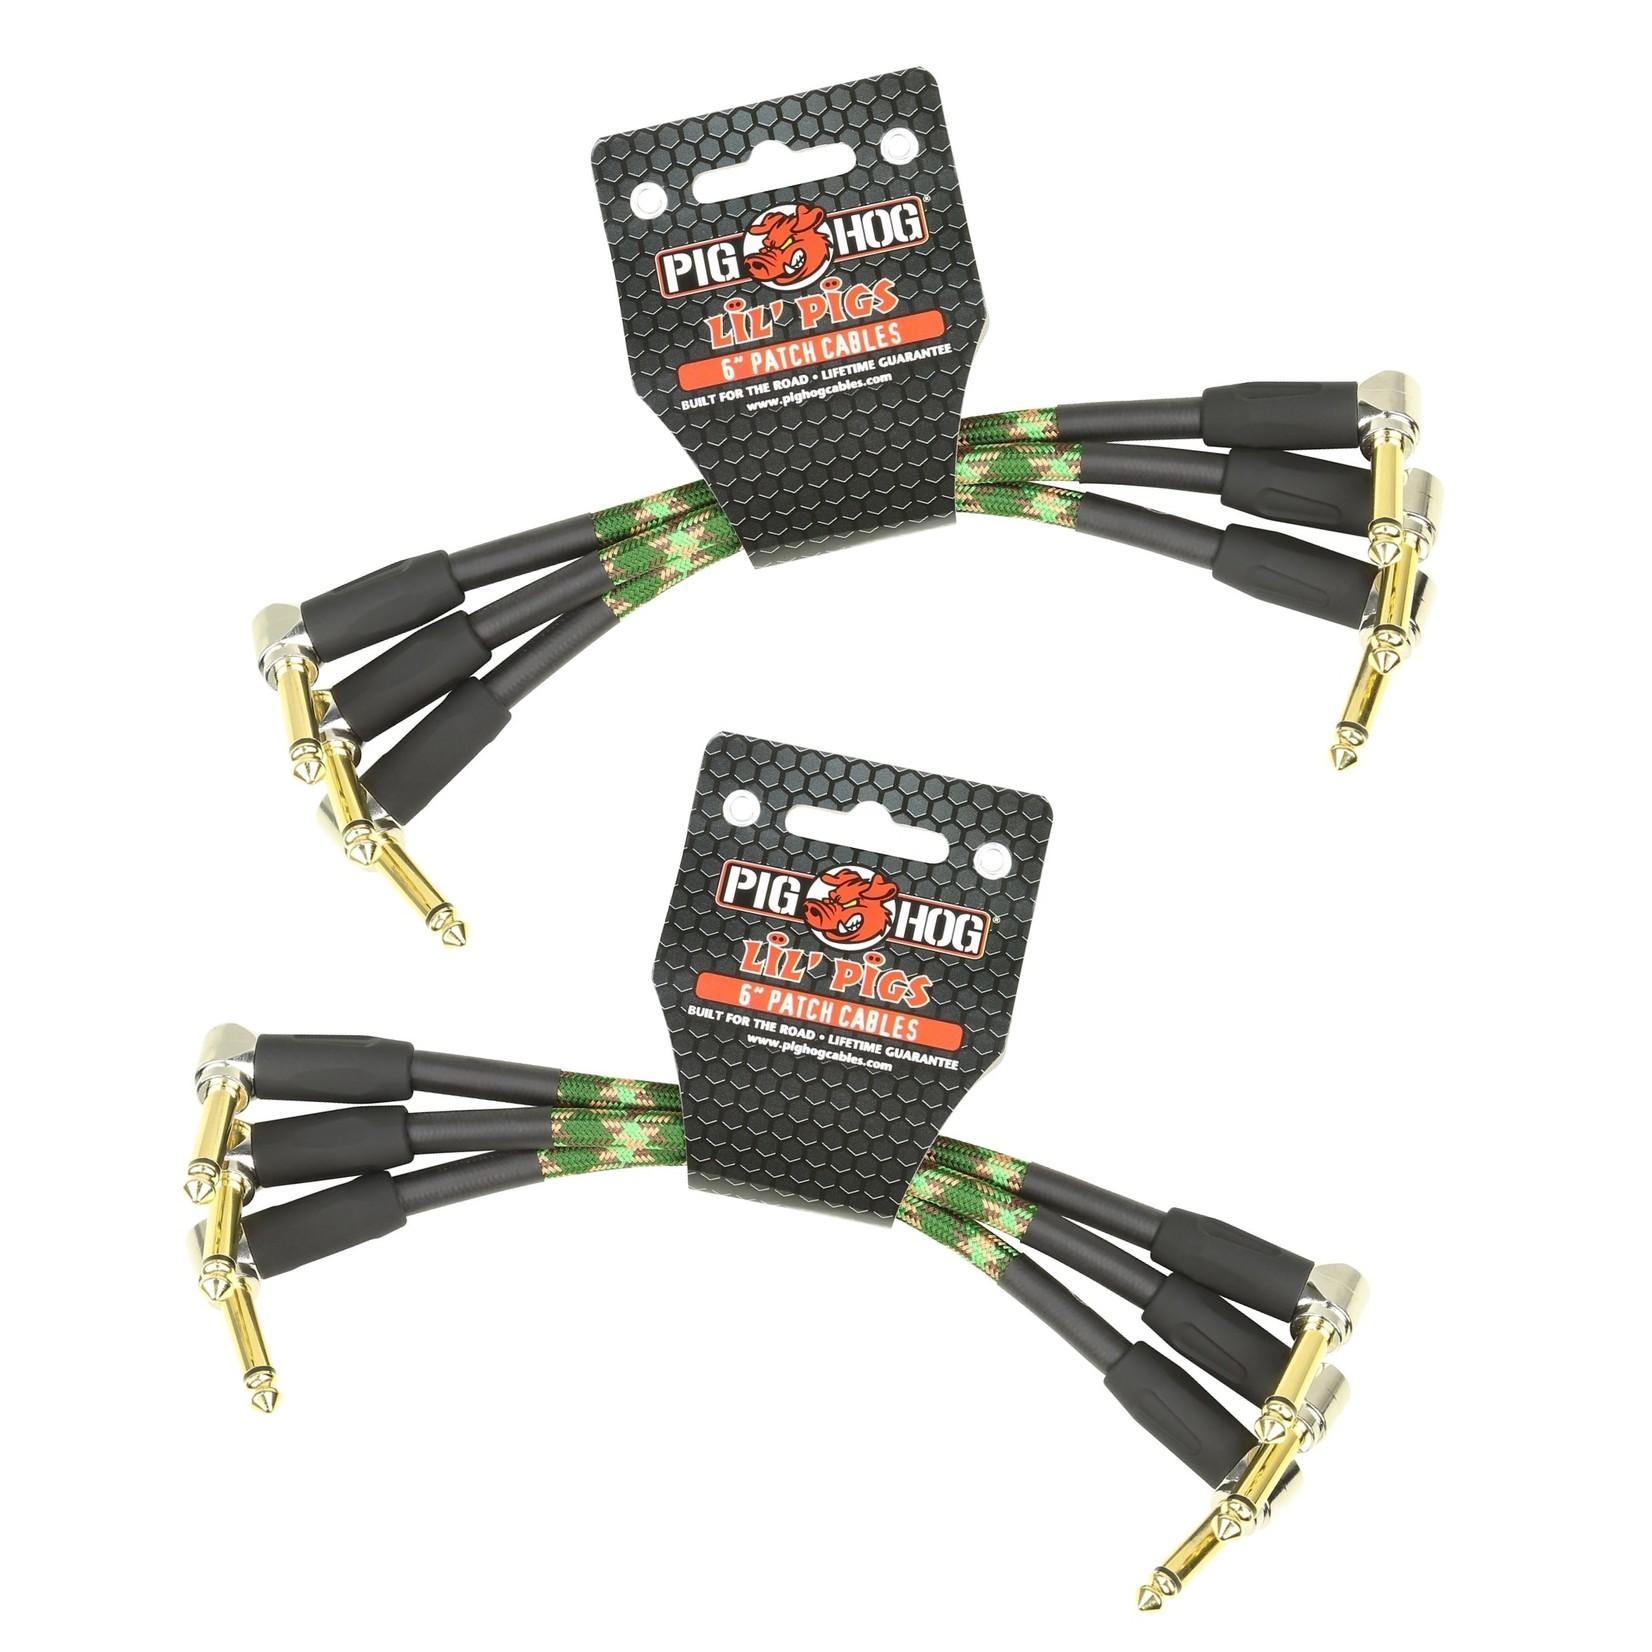 Pig Hog Pig Hog Camouflage Pedalboard Makeover Kit - 6-Pack of Patch Cables (2x PHLIL6CF)